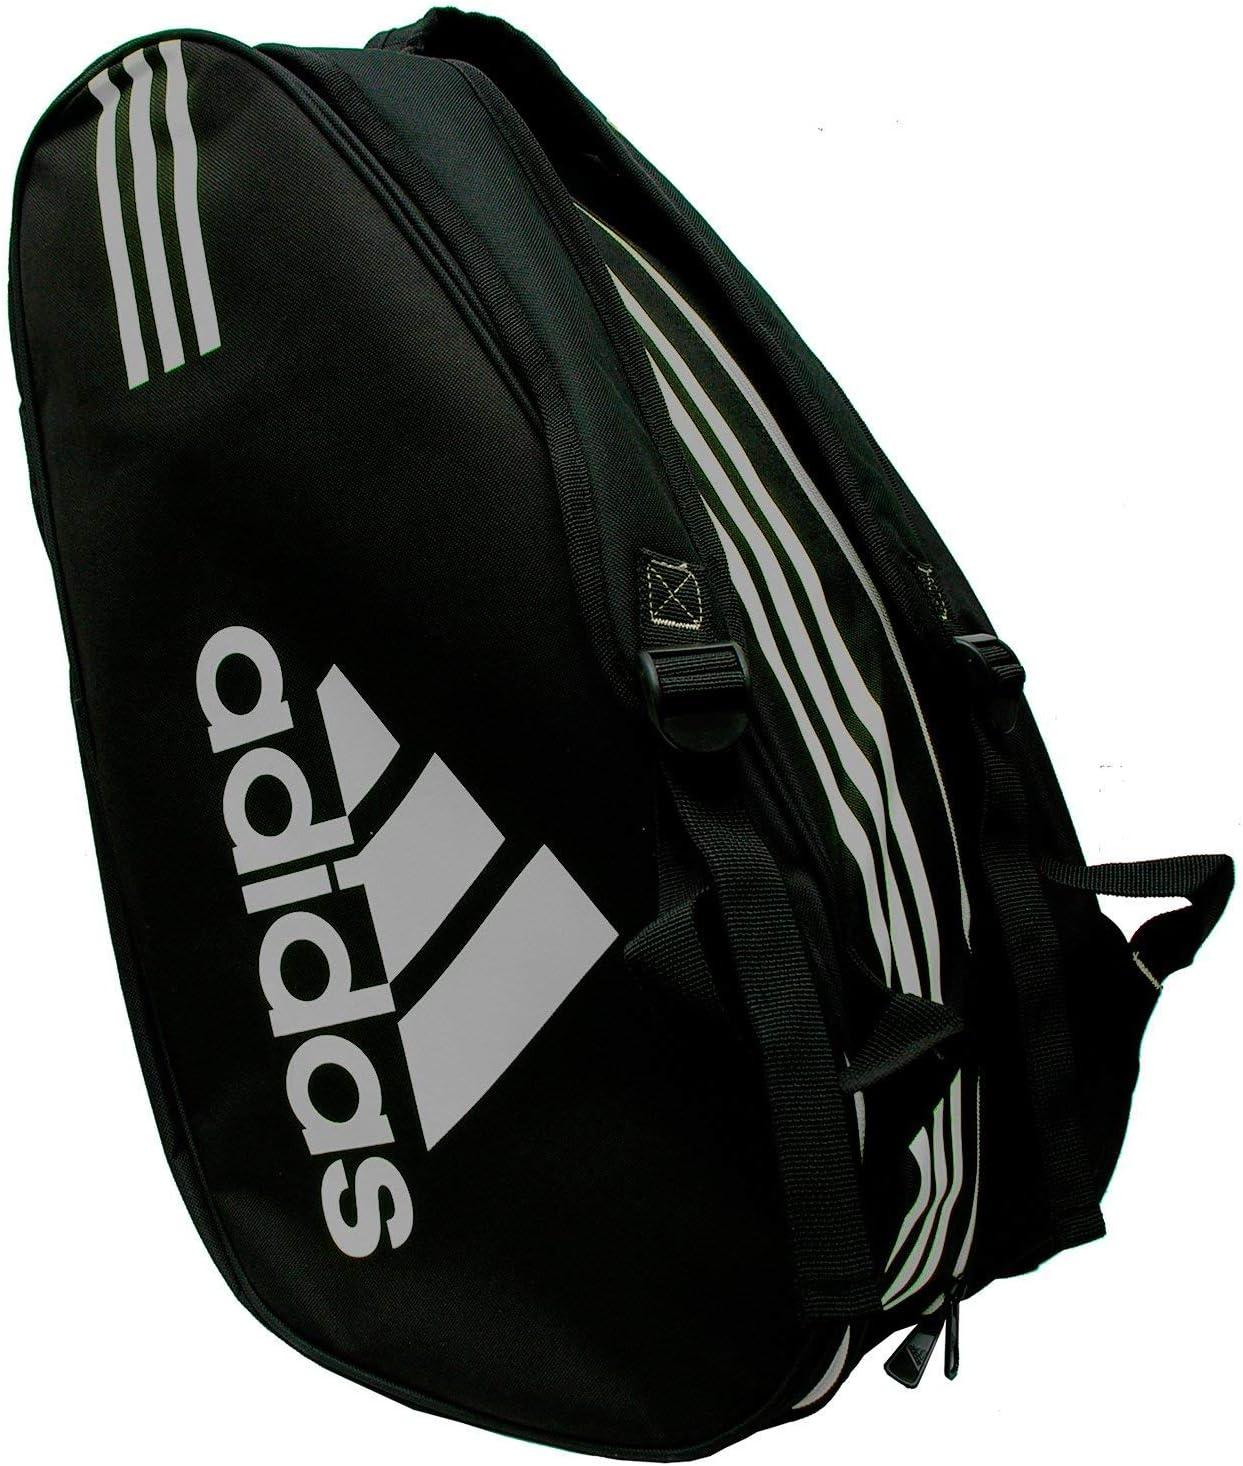 Paletero Adidas Control Black / Silver: Amazon.es: Deportes y aire libre